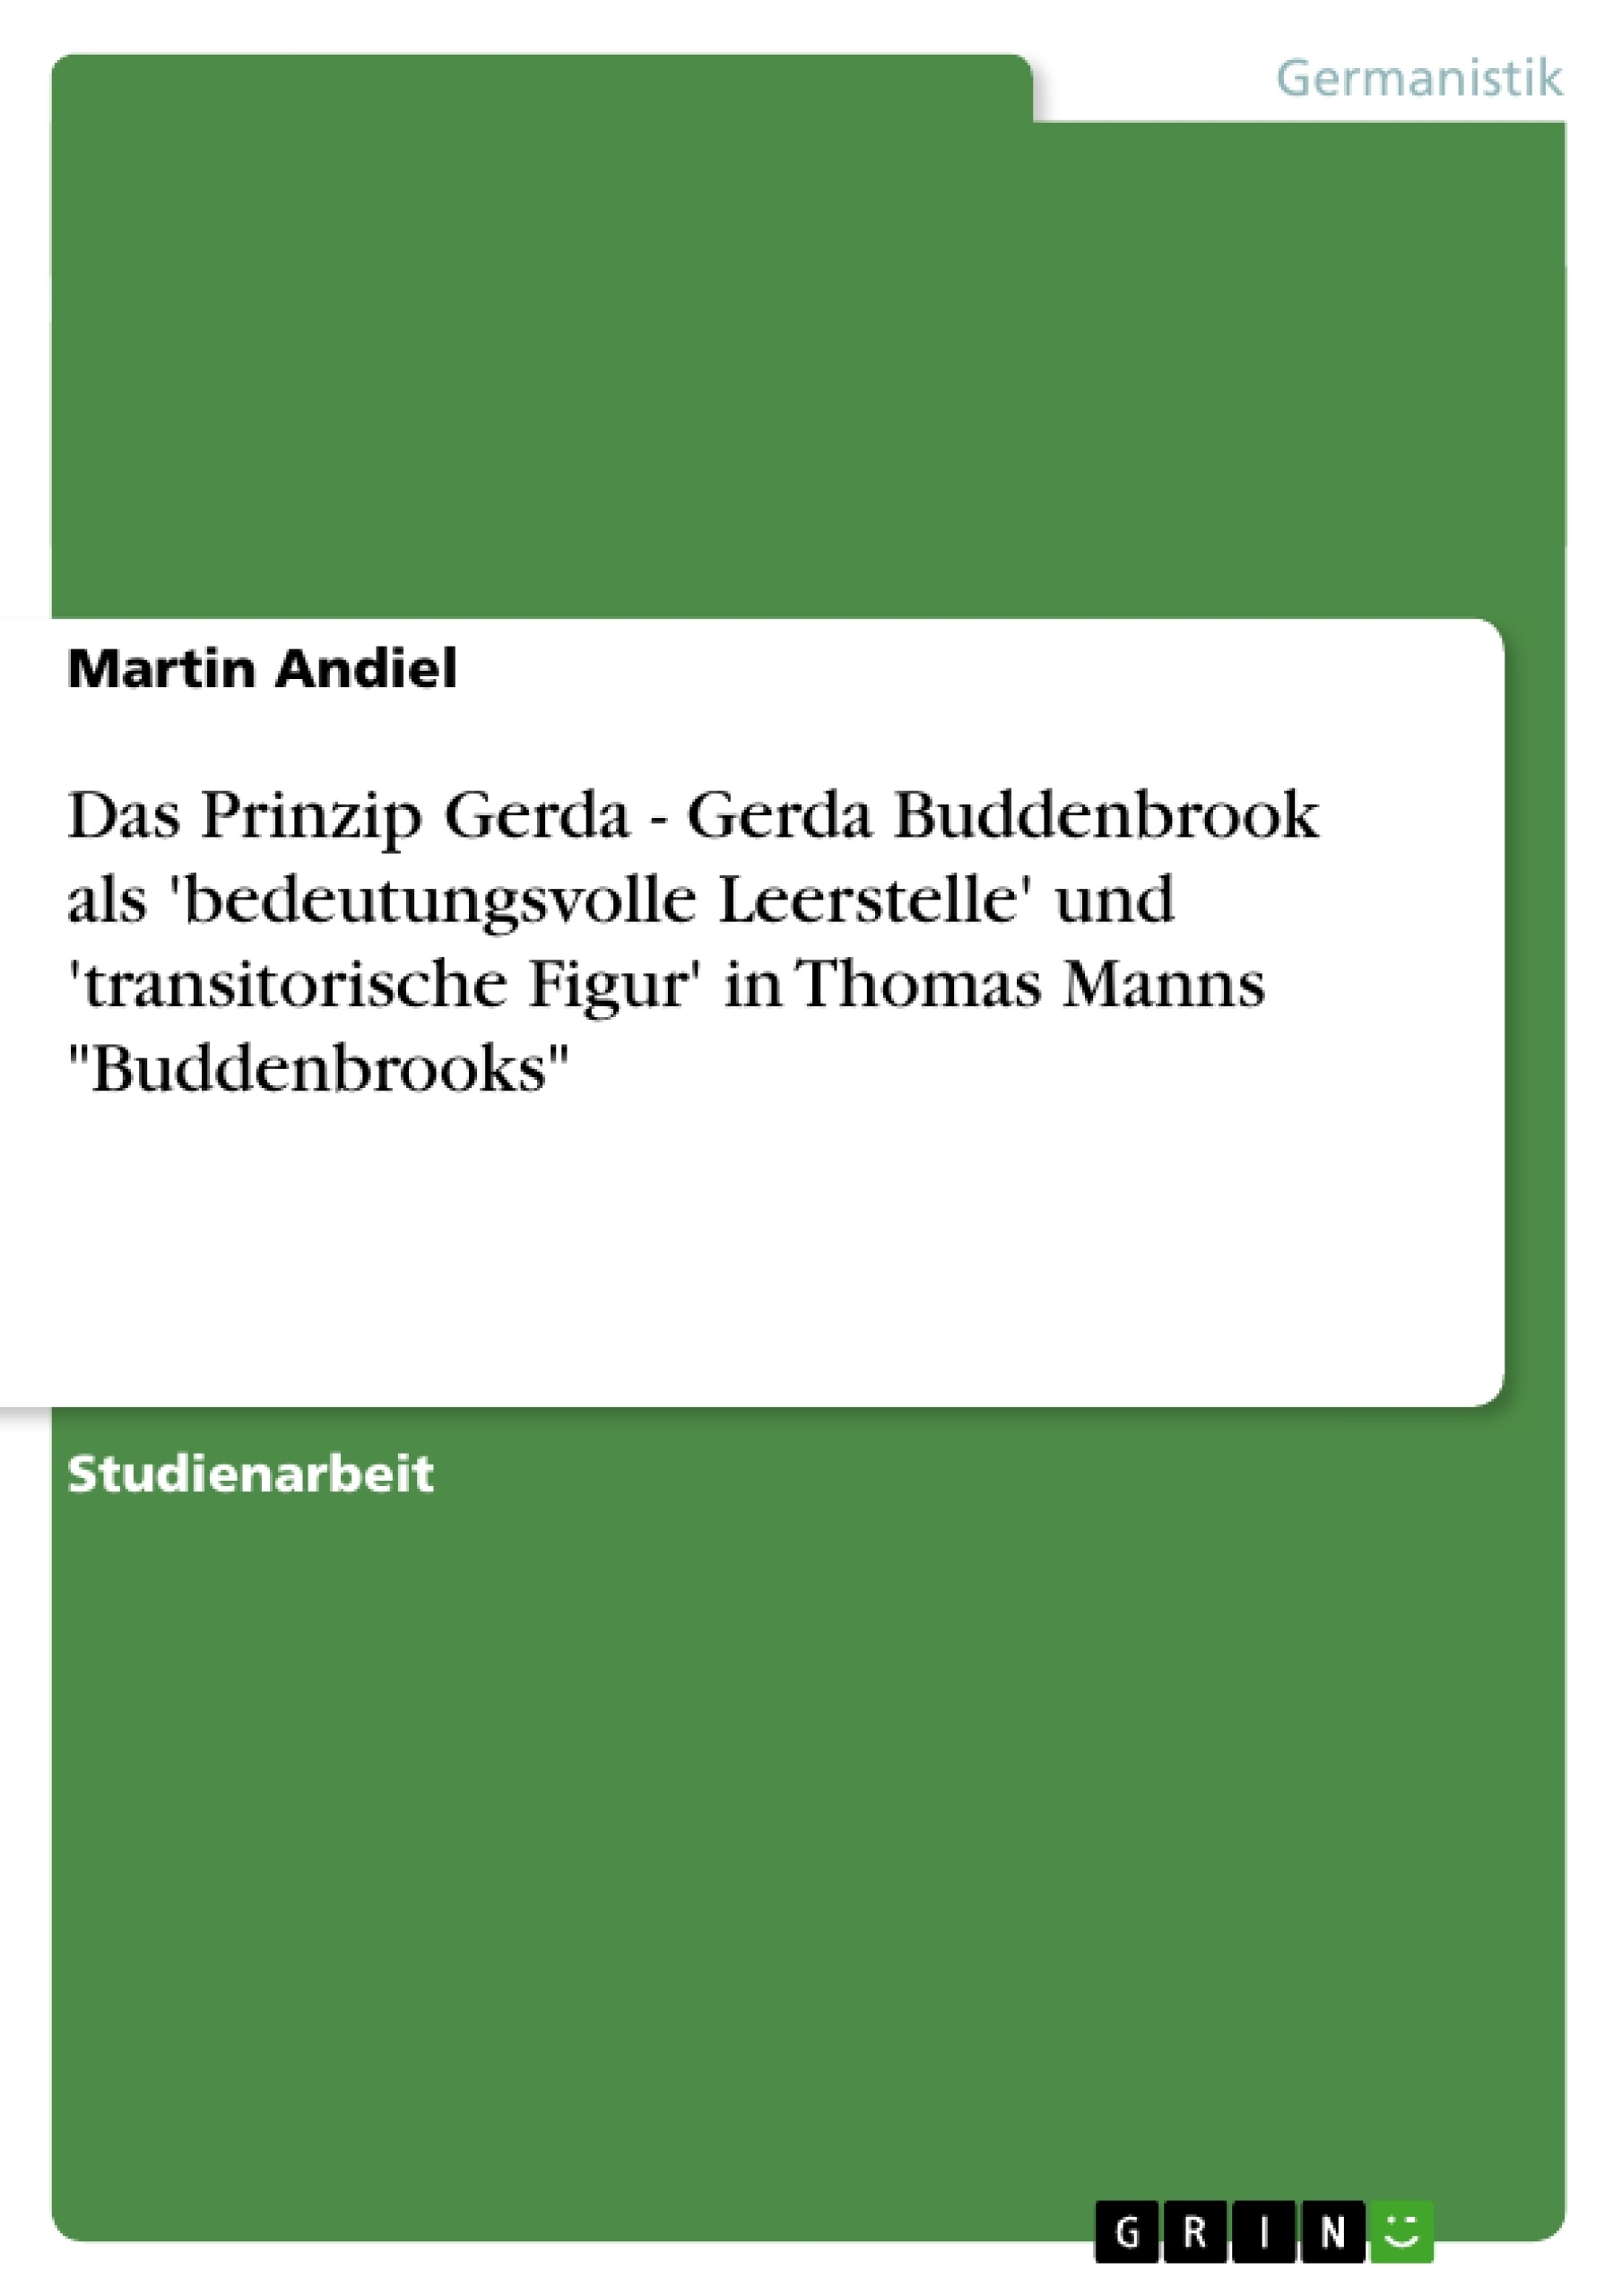 """Titel: Das Prinzip Gerda - Gerda Buddenbrook als 'bedeutungsvolle Leerstelle' und 'transitorische Figur' in Thomas Manns """"Buddenbrooks"""""""